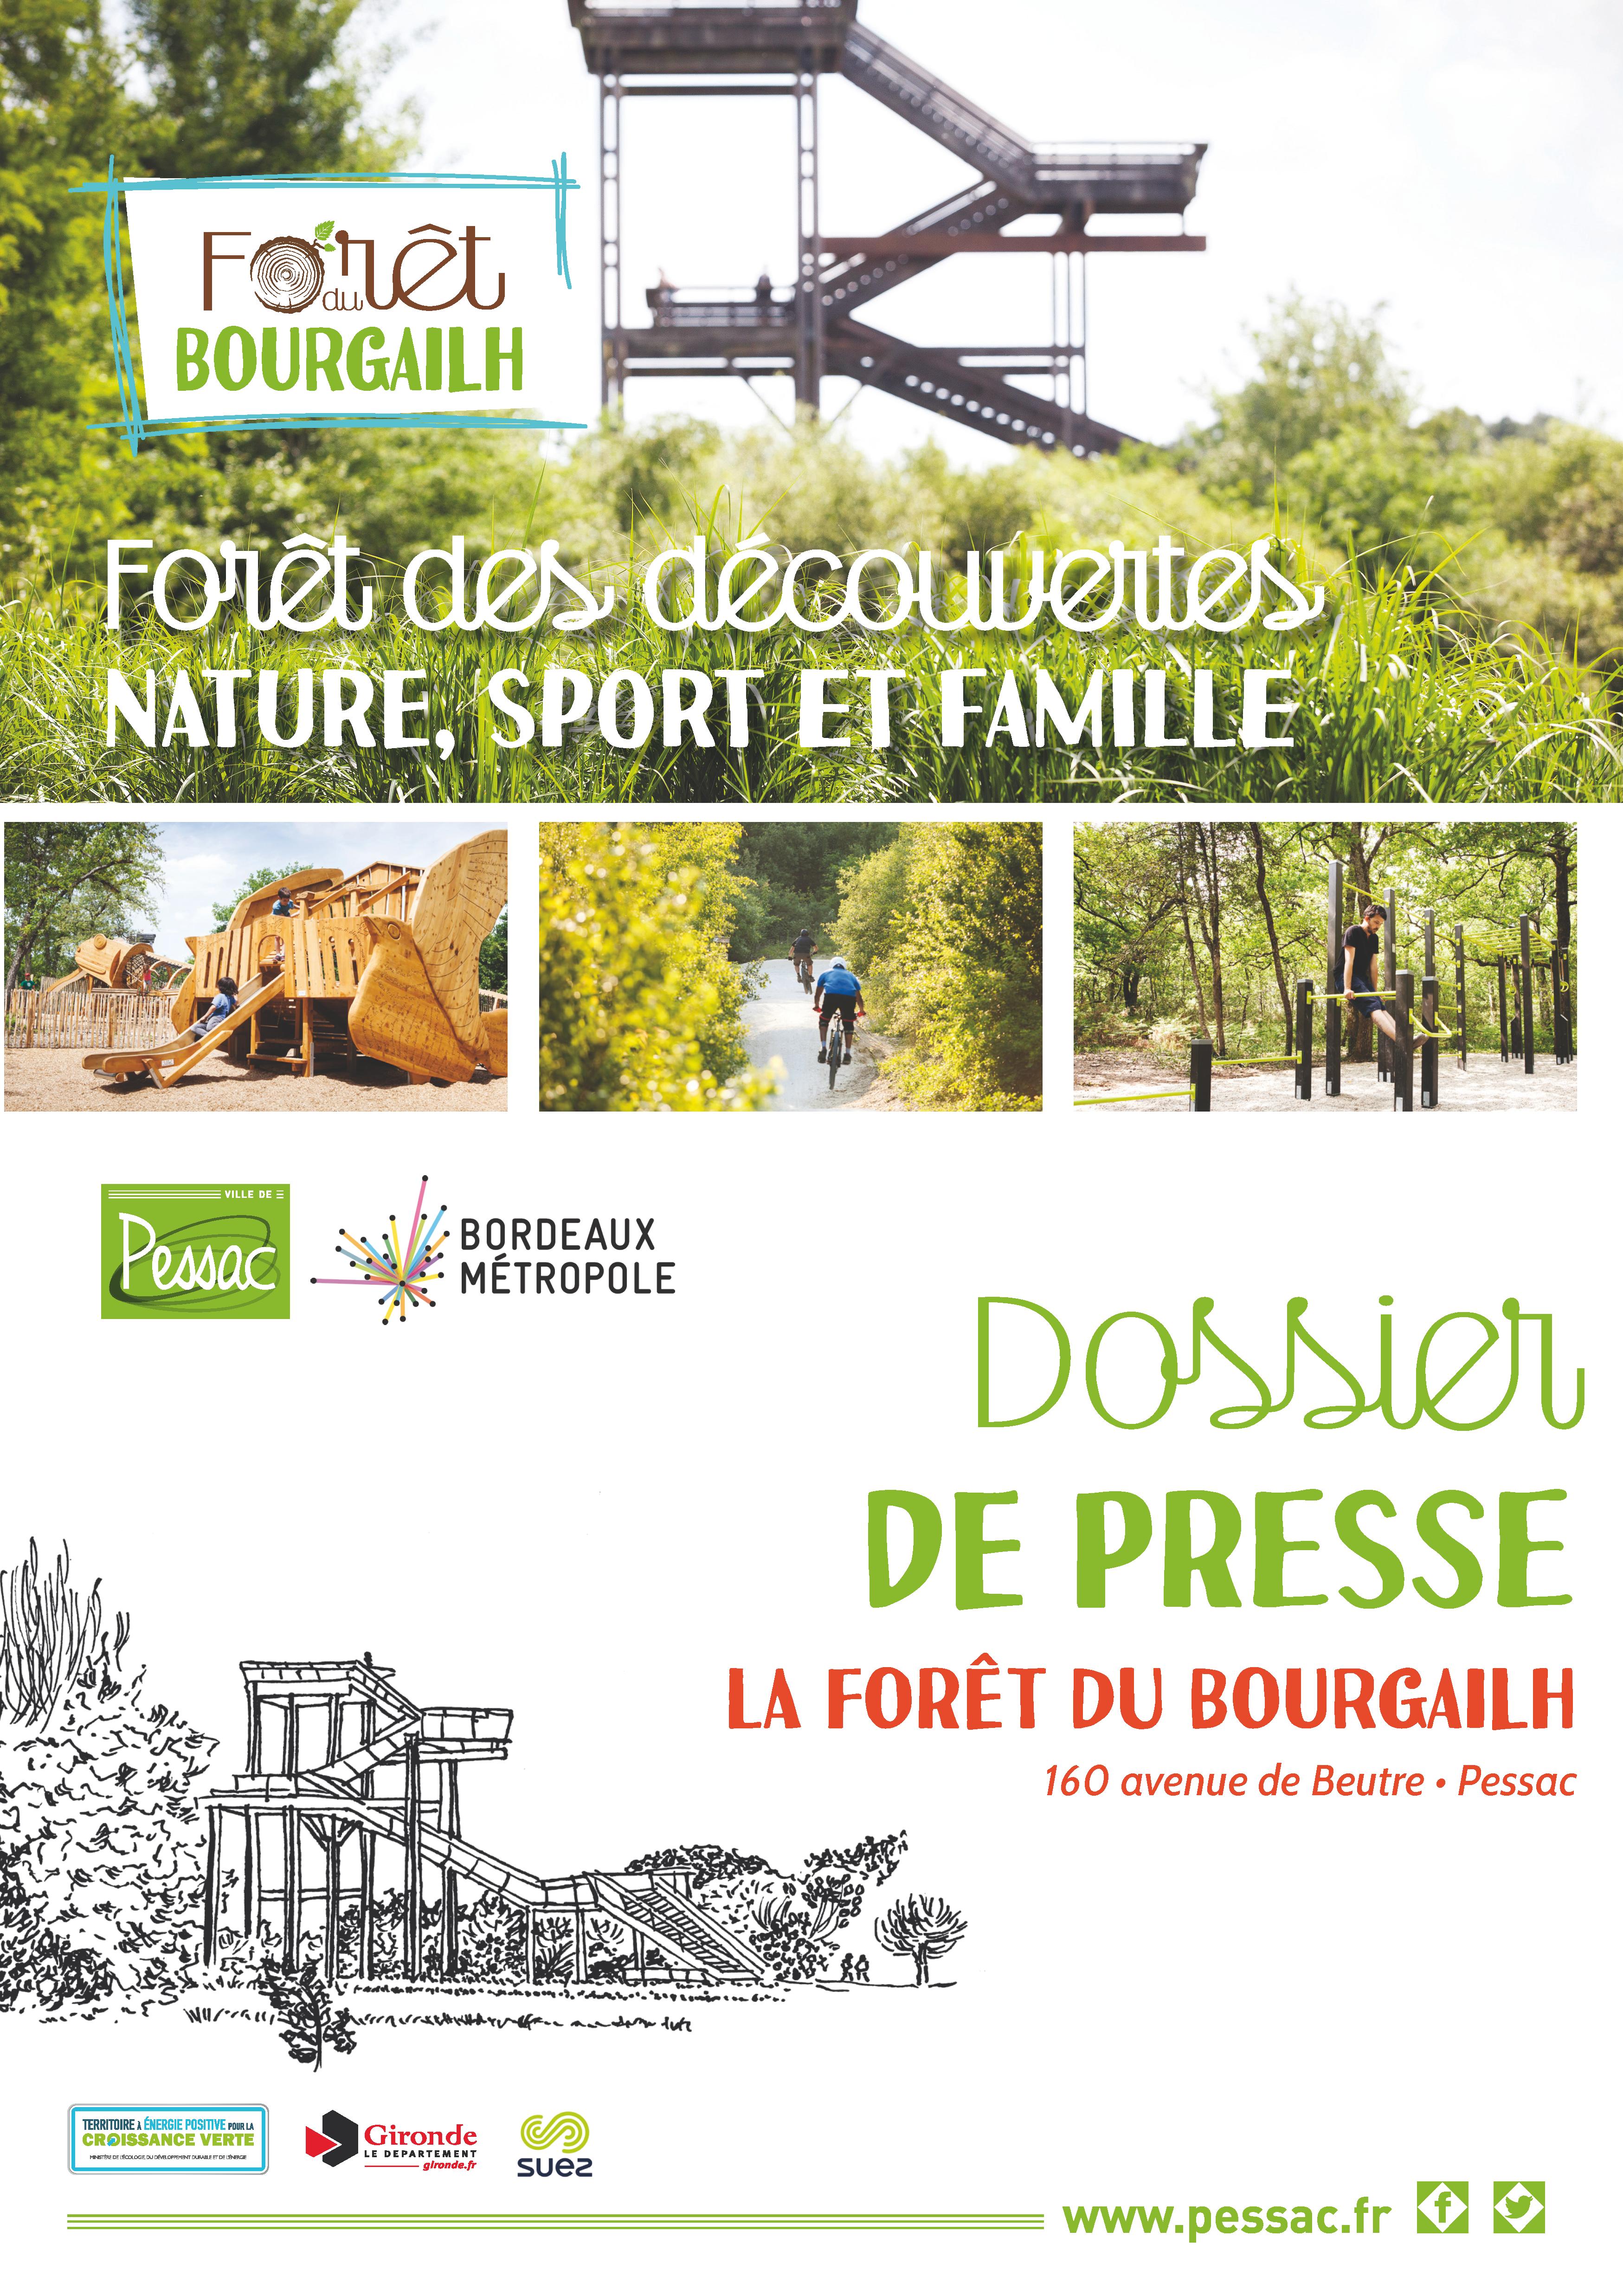 dossier-de-presse-fore%cc%82t-du-bourgailh_page_01